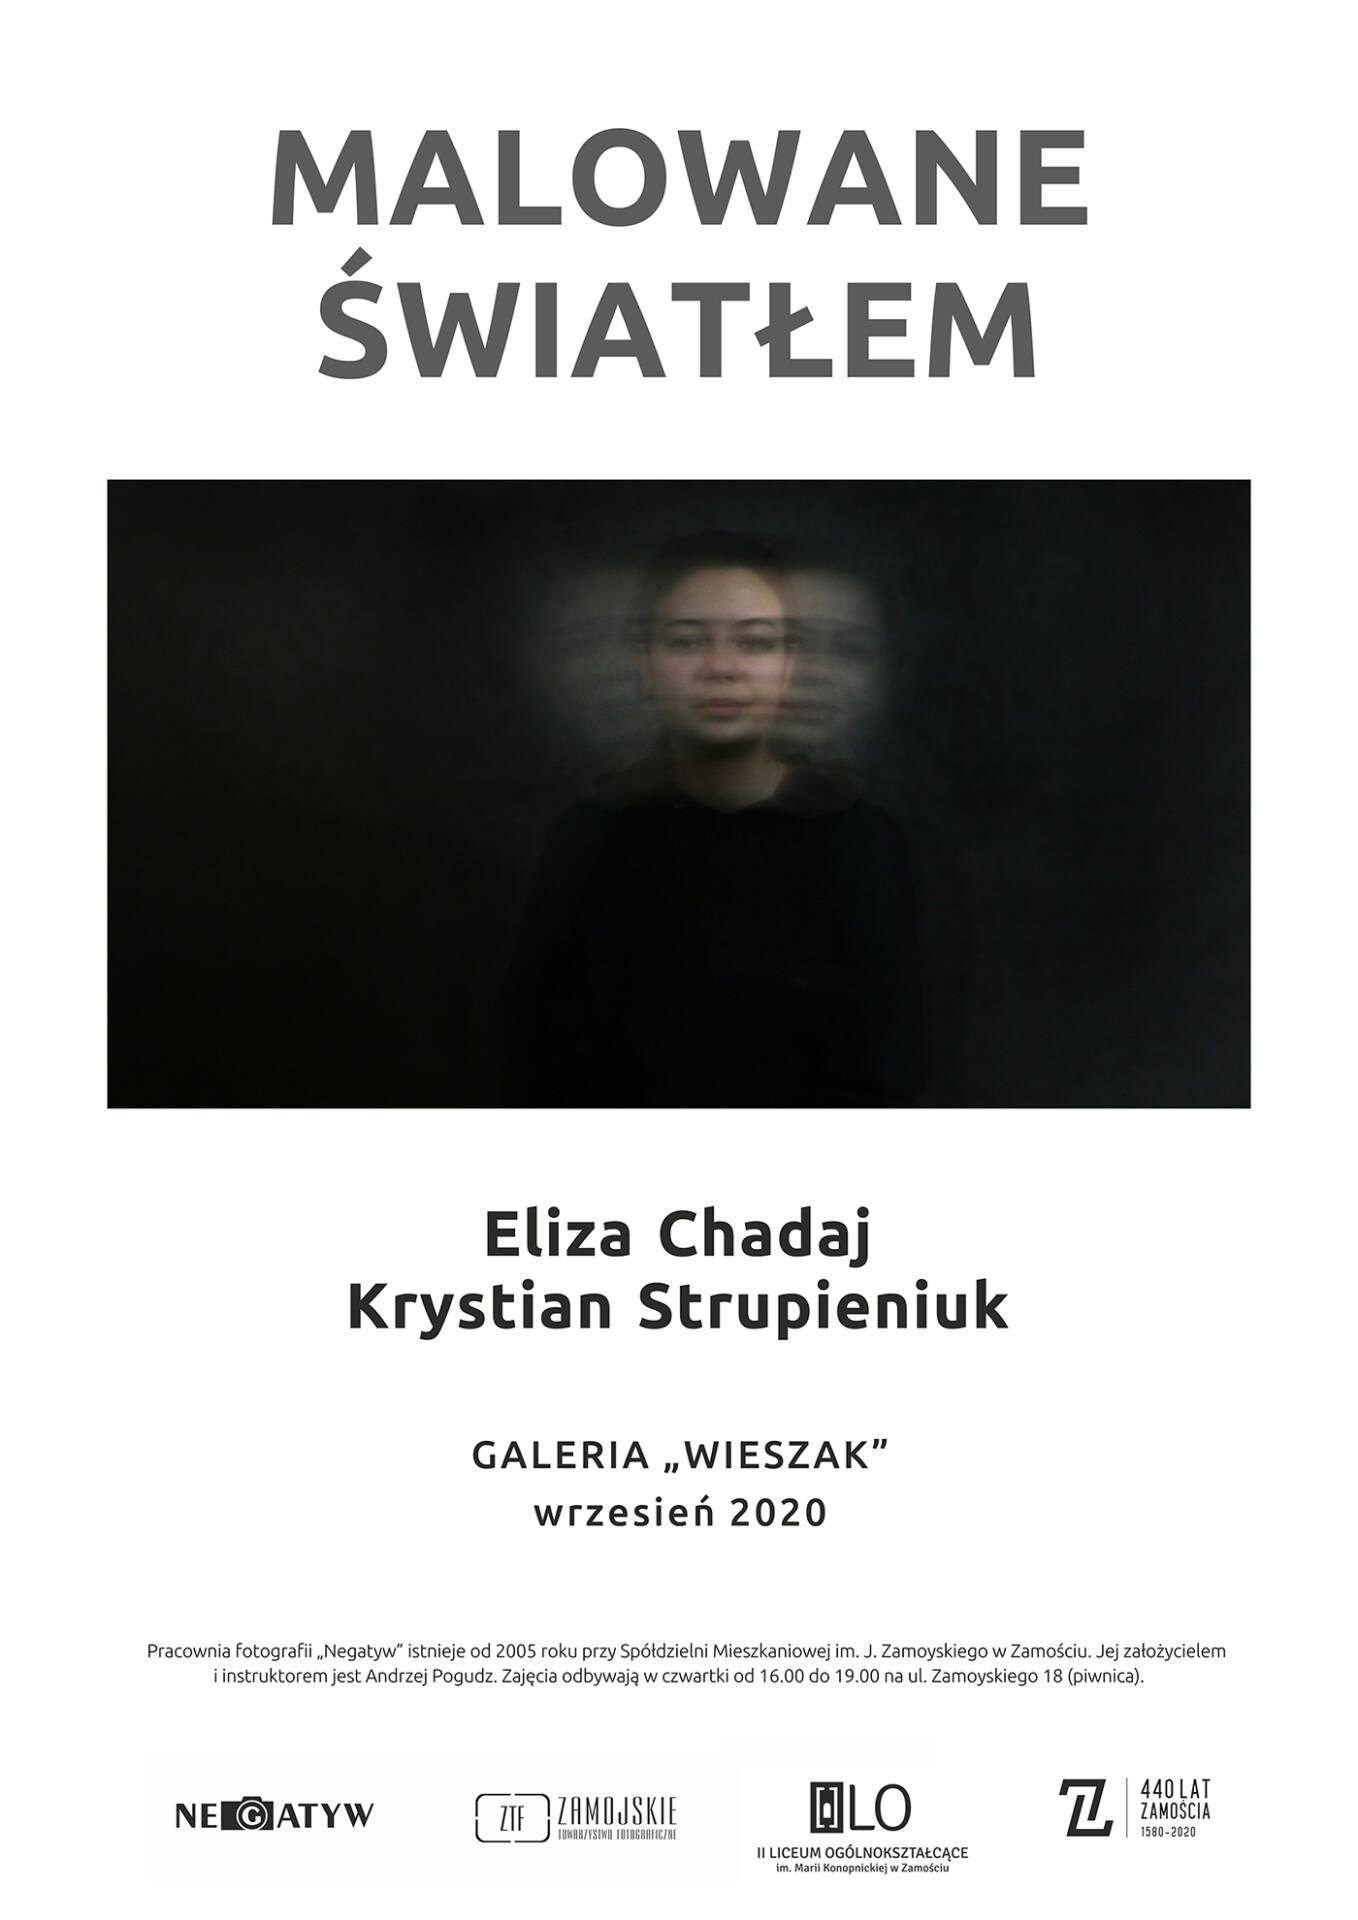 negatyw 2020 malowane swiatlem plakat Malowane światłem w Galerii Wieszak